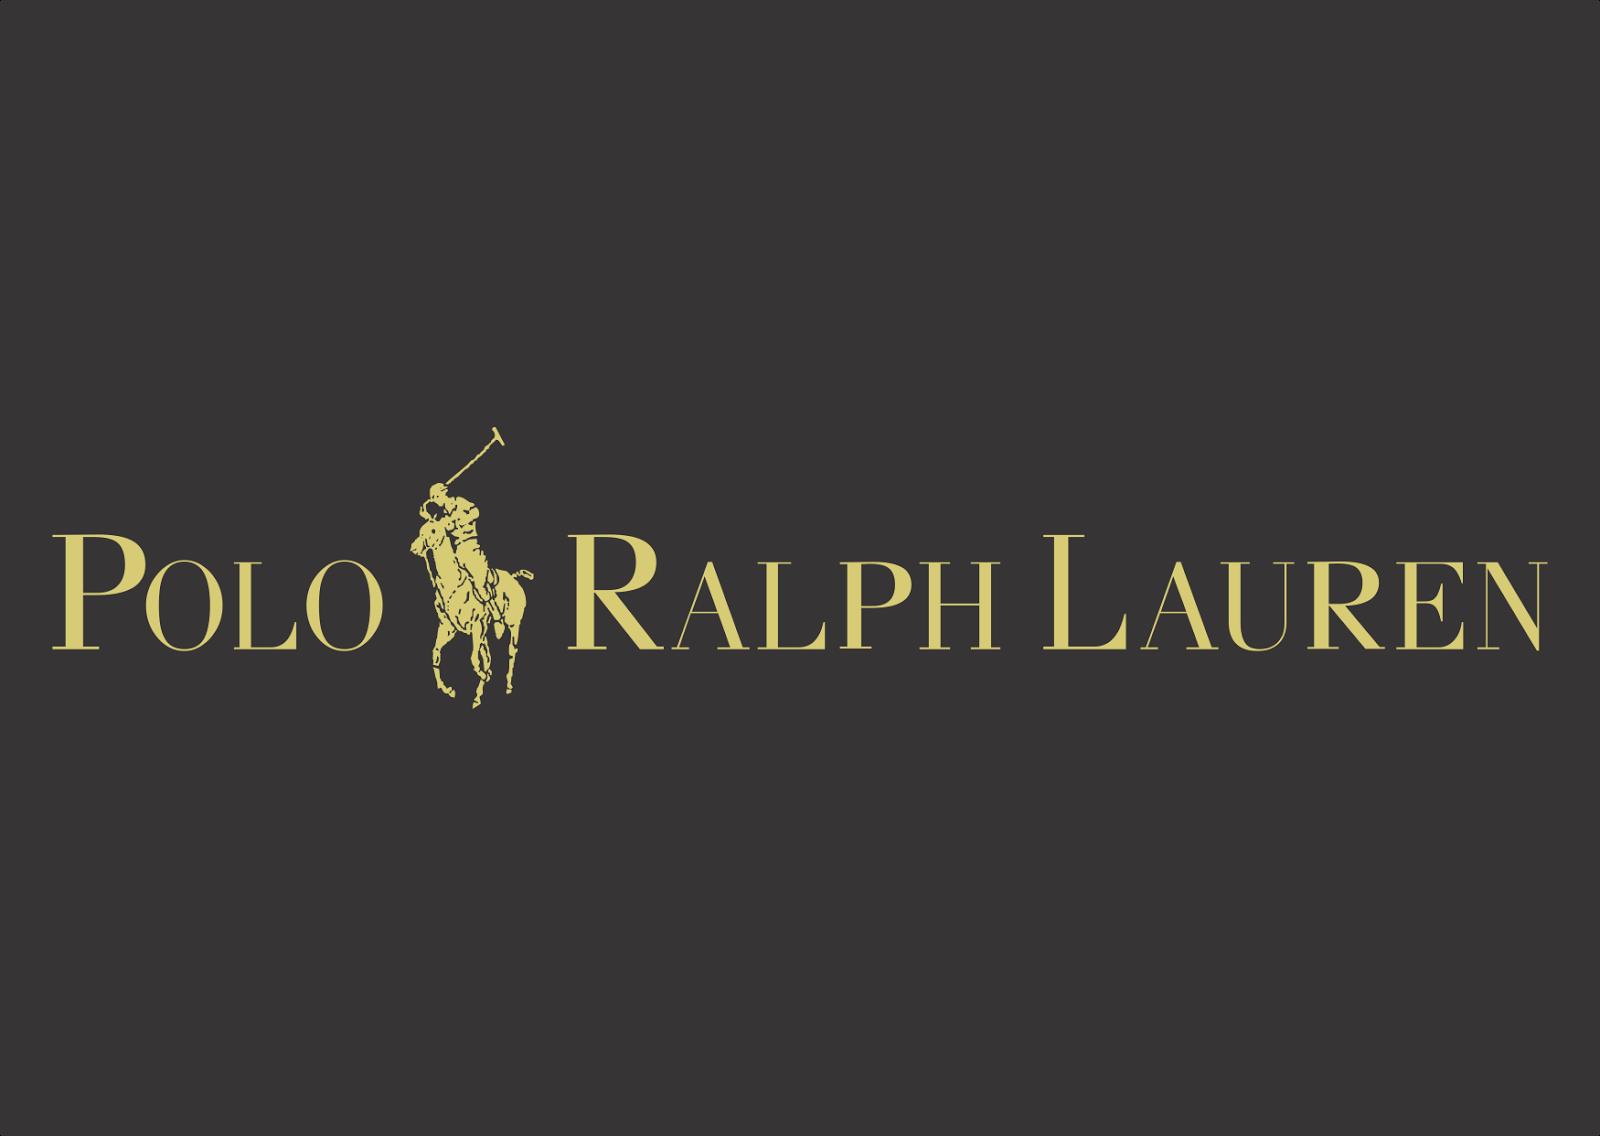 Picture Of Ralph Lauren Logos